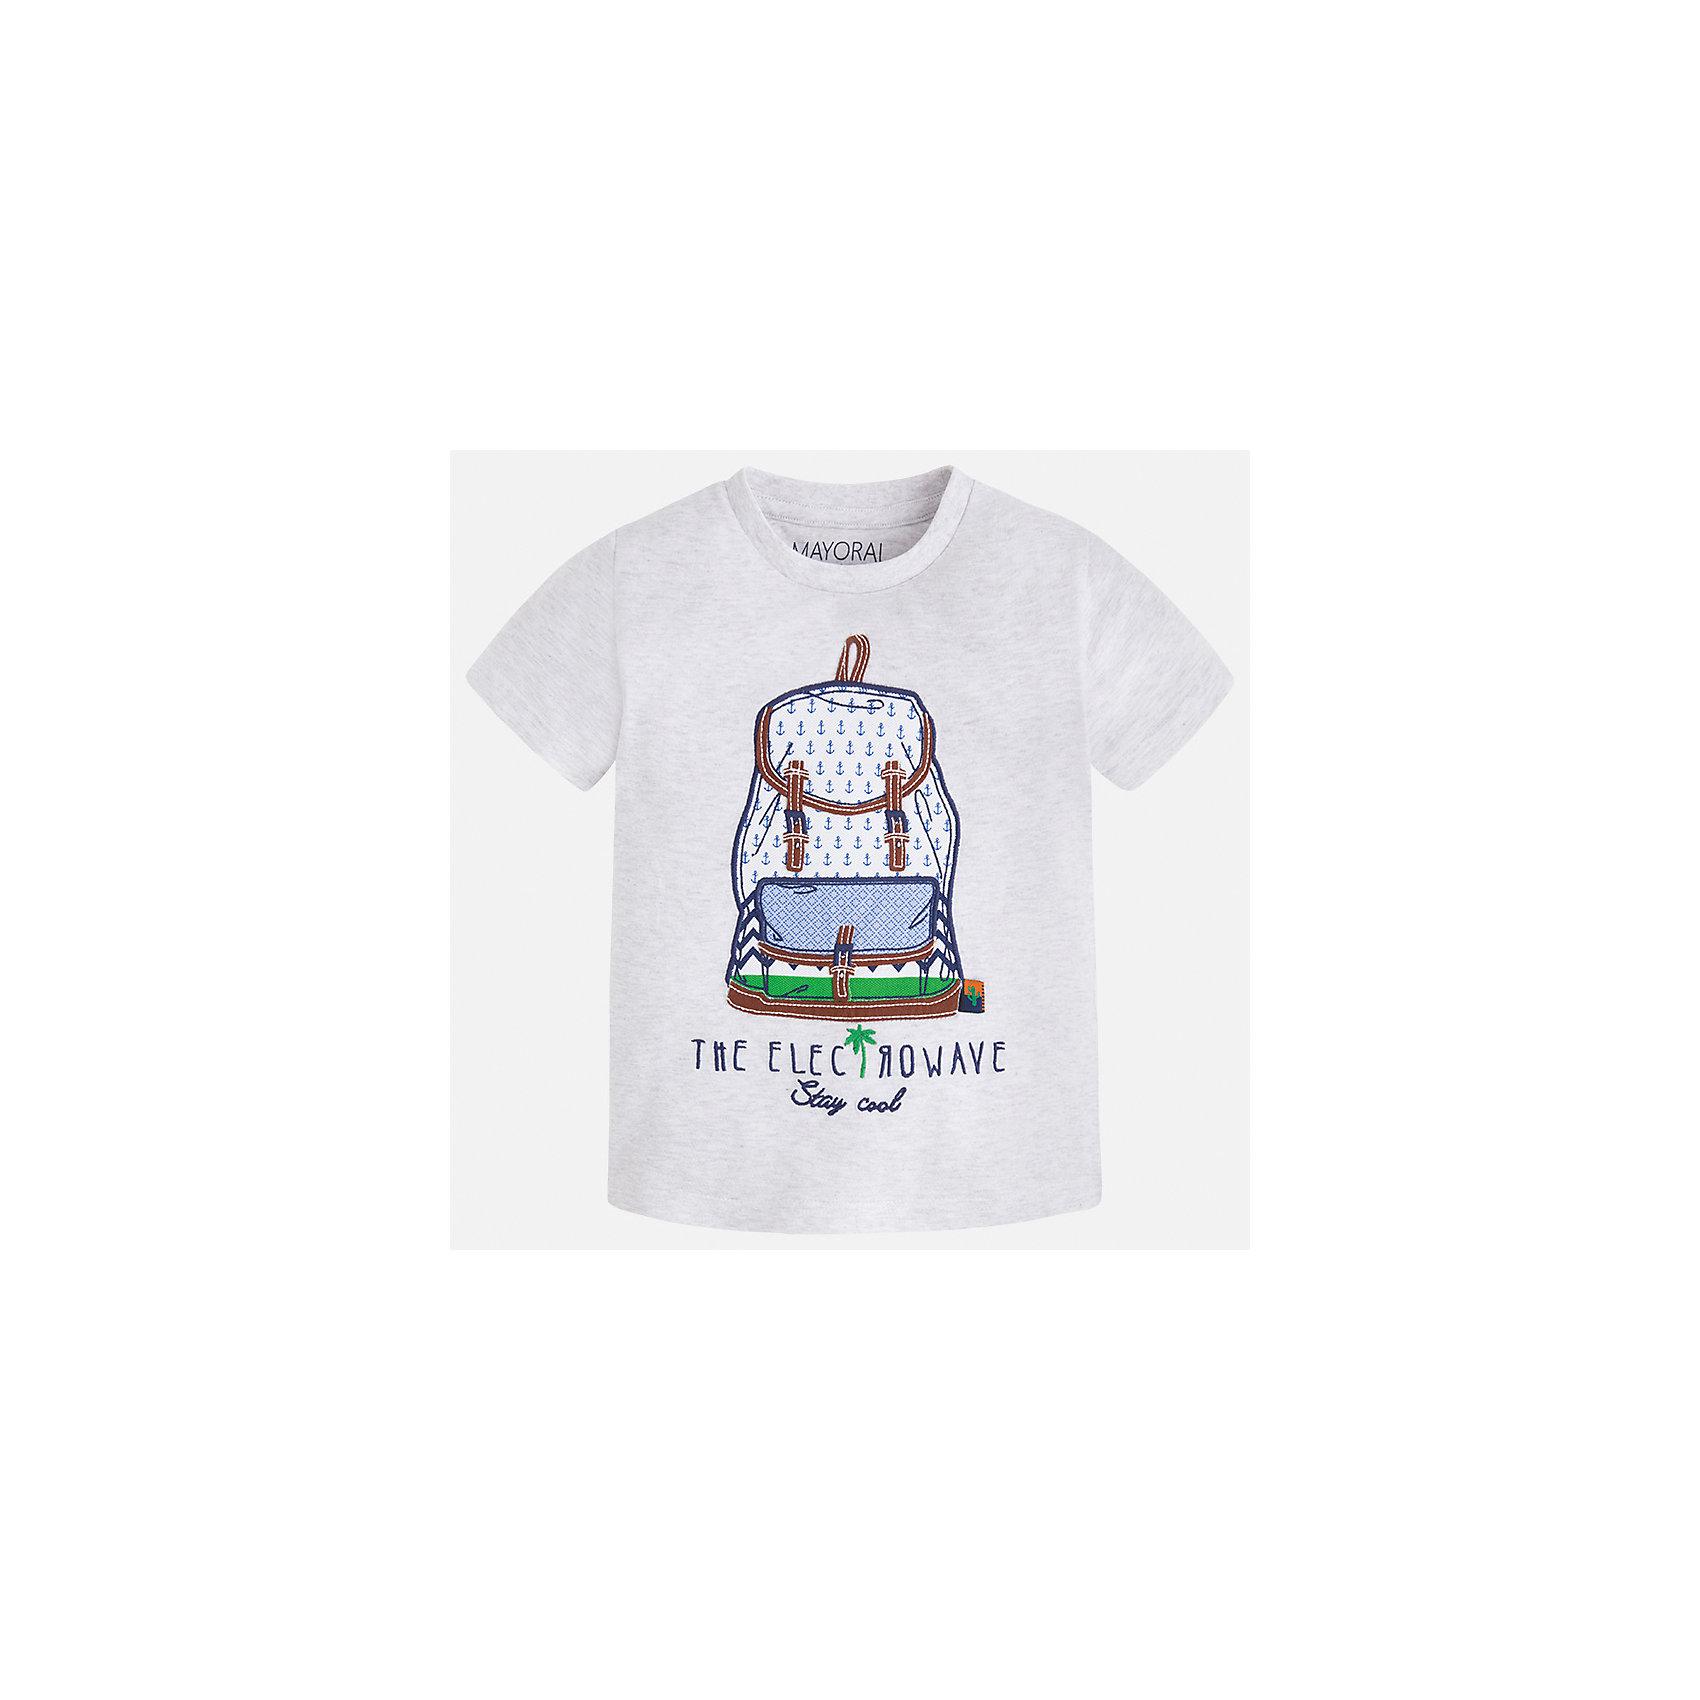 Футболка для мальчика MayoralФутболки, поло и топы<br>Характеристики товара:<br><br>• цвет: серый<br>• состав: 100% хлопок<br>• круглый горловой вырез<br>• принт впереди<br>• короткие рукава<br>• отделка горловины<br>• страна бренда: Испания<br><br>Модная удобная футболка с принтом поможет разнообразить гардероб мальчика. Она отлично сочетается с брюками, шортами, джинсами и т.д. Универсальный крой и цвет позволяет подобрать к вещи низ разных расцветок. Практичное и стильное изделие! В составе материала - только натуральный хлопок, гипоаллергенный, приятный на ощупь, дышащий.<br><br>Одежда, обувь и аксессуары от испанского бренда Mayoral полюбились детям и взрослым по всему миру. Модели этой марки - стильные и удобные. Для их производства используются только безопасные, качественные материалы и фурнитура. Порадуйте ребенка модными и красивыми вещами от Mayoral! <br><br>Футболку для мальчика от испанского бренда Mayoral (Майорал) можно купить в нашем интернет-магазине.<br><br>Ширина мм: 199<br>Глубина мм: 10<br>Высота мм: 161<br>Вес г: 151<br>Цвет: серый<br>Возраст от месяцев: 48<br>Возраст до месяцев: 60<br>Пол: Мужской<br>Возраст: Детский<br>Размер: 110,92,134,128,122,116,104,98<br>SKU: 5279782